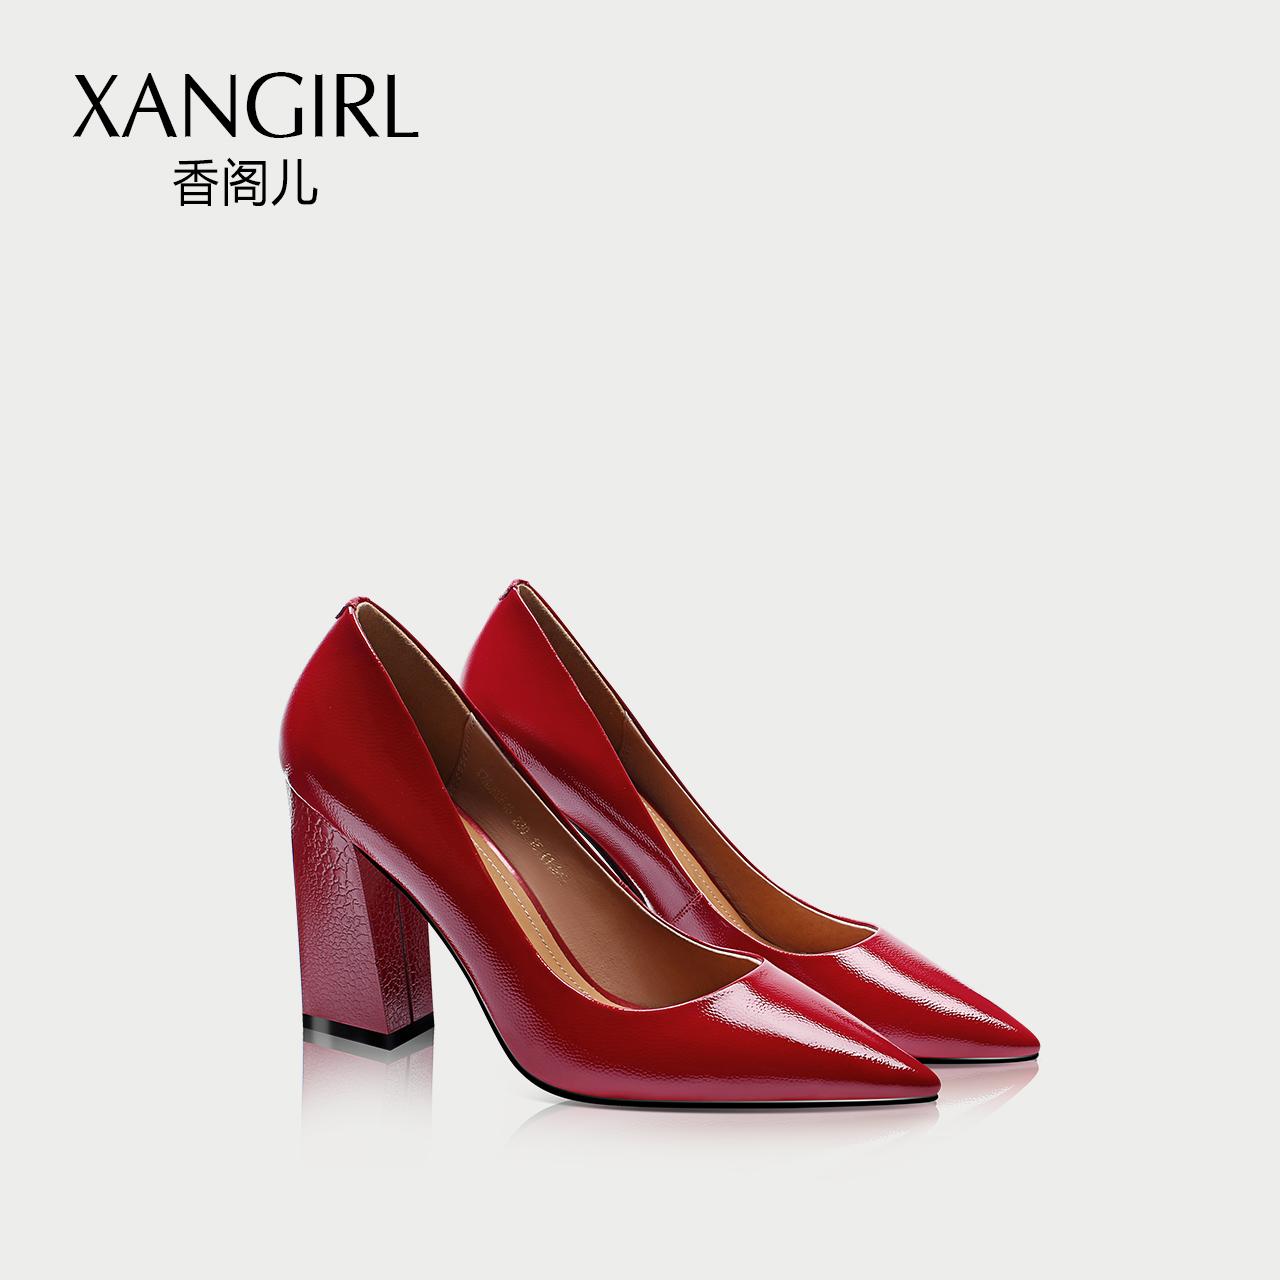 潮流红色高跟鞋